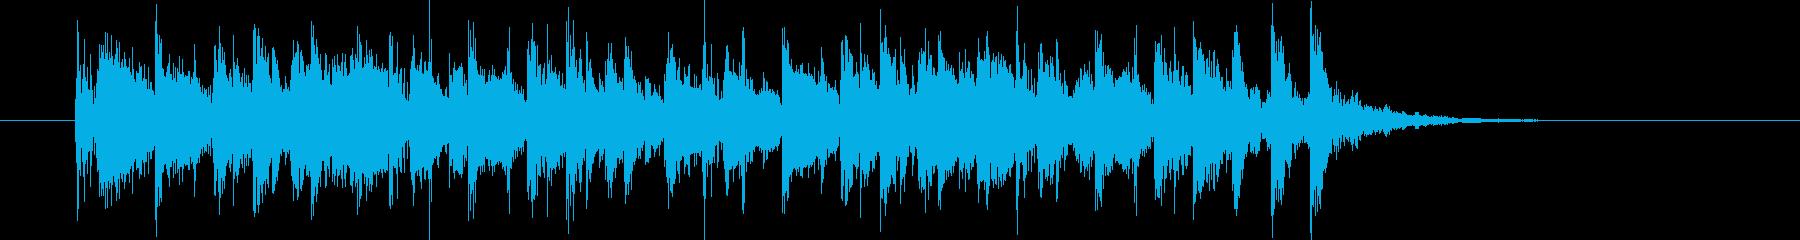 フュージョン風の転換向き10秒ジングルの再生済みの波形